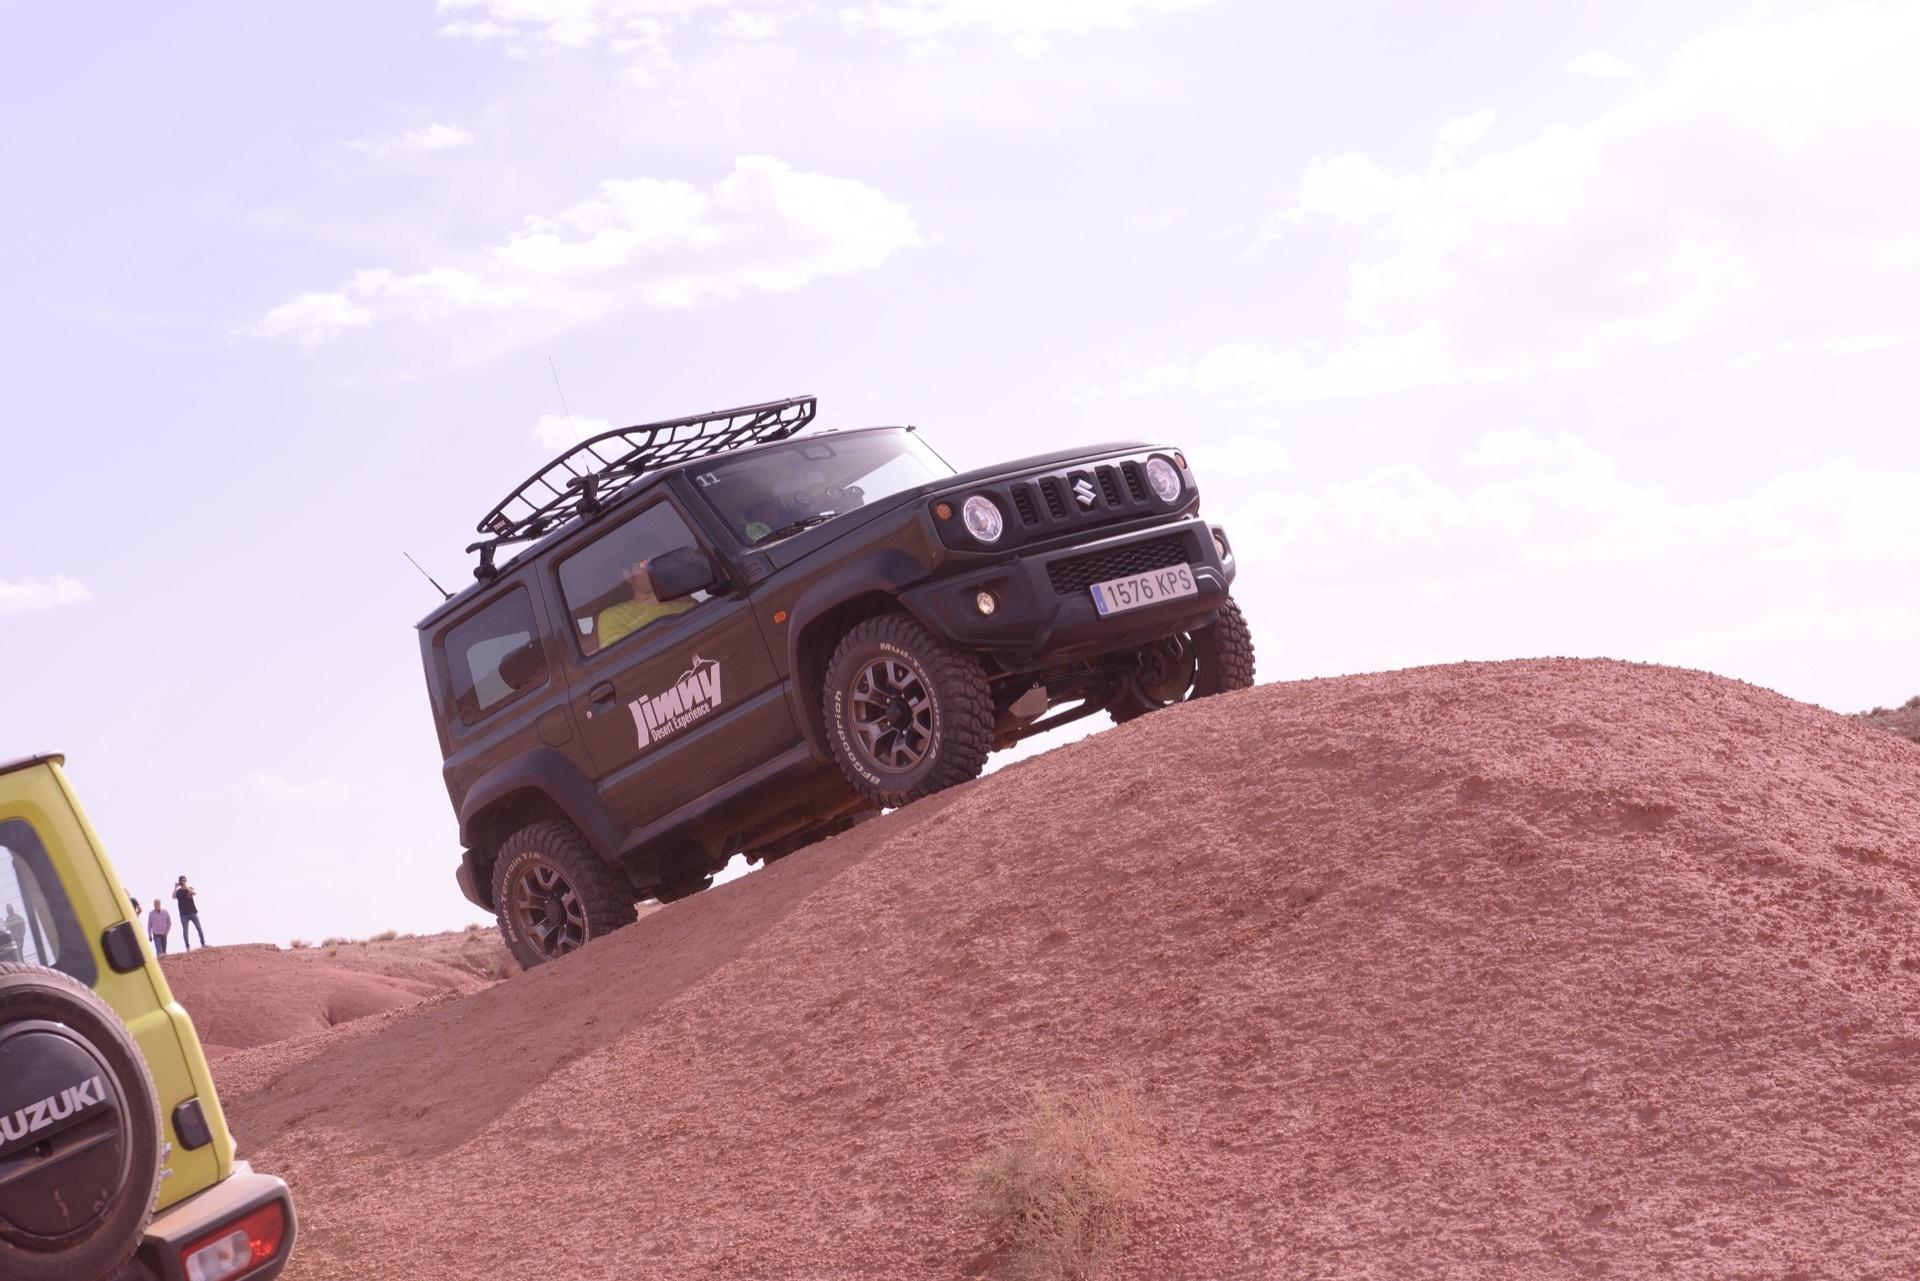 Suzuki Jimny Desert Experience 2019 00040